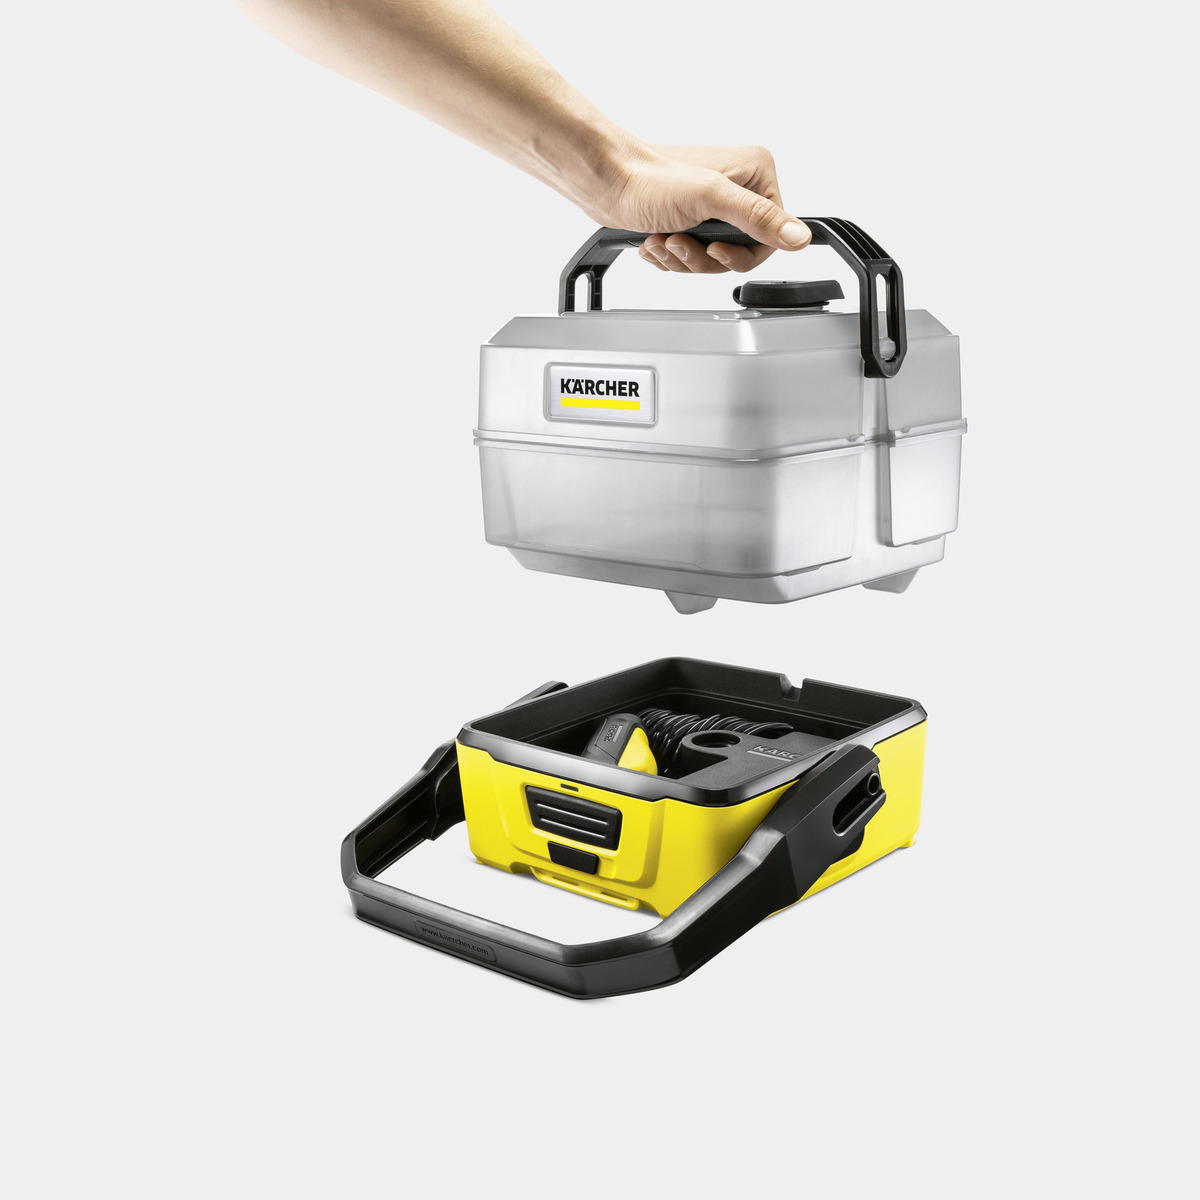 Kacher-mobilni-čistač-Karcher-OC-3-Plus (5)